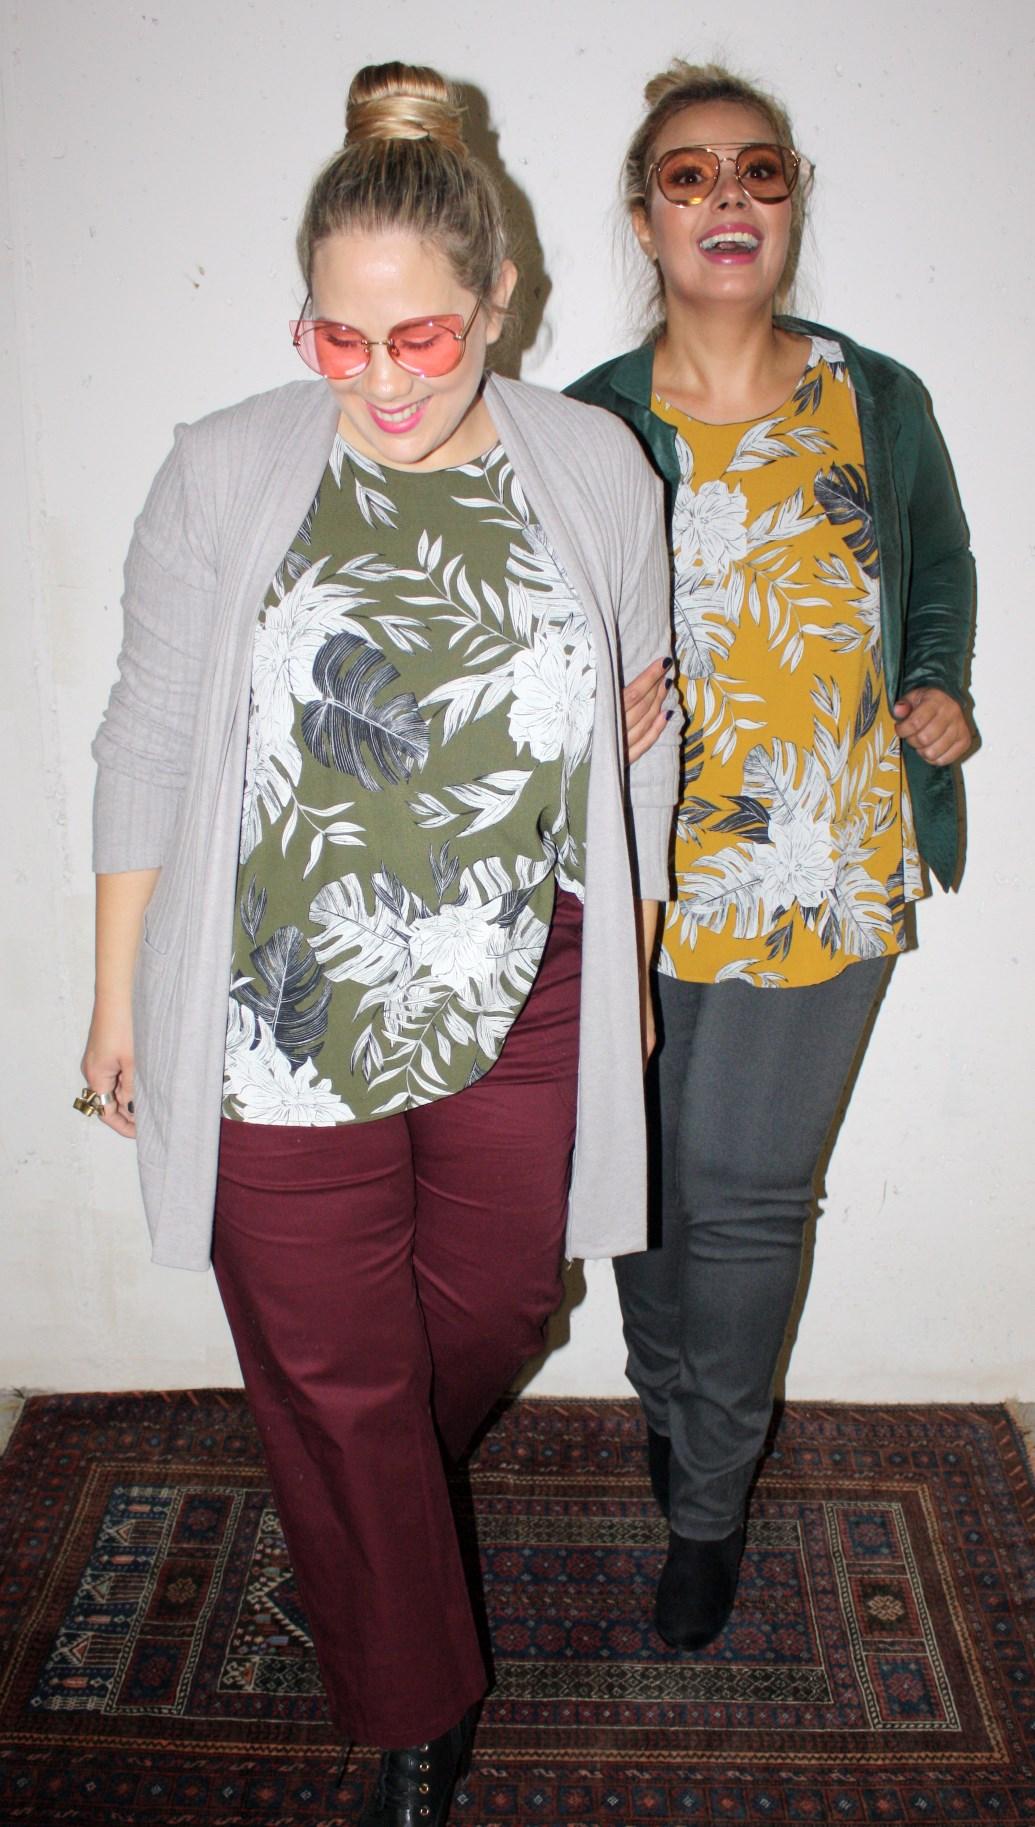 שבוע האופנה למידות גדולות. 21-24.11 יד חרוצים 11 תל אביב לןקים של טולה ב30 אחוז הנחה צילום יחצ (Copy).jpg